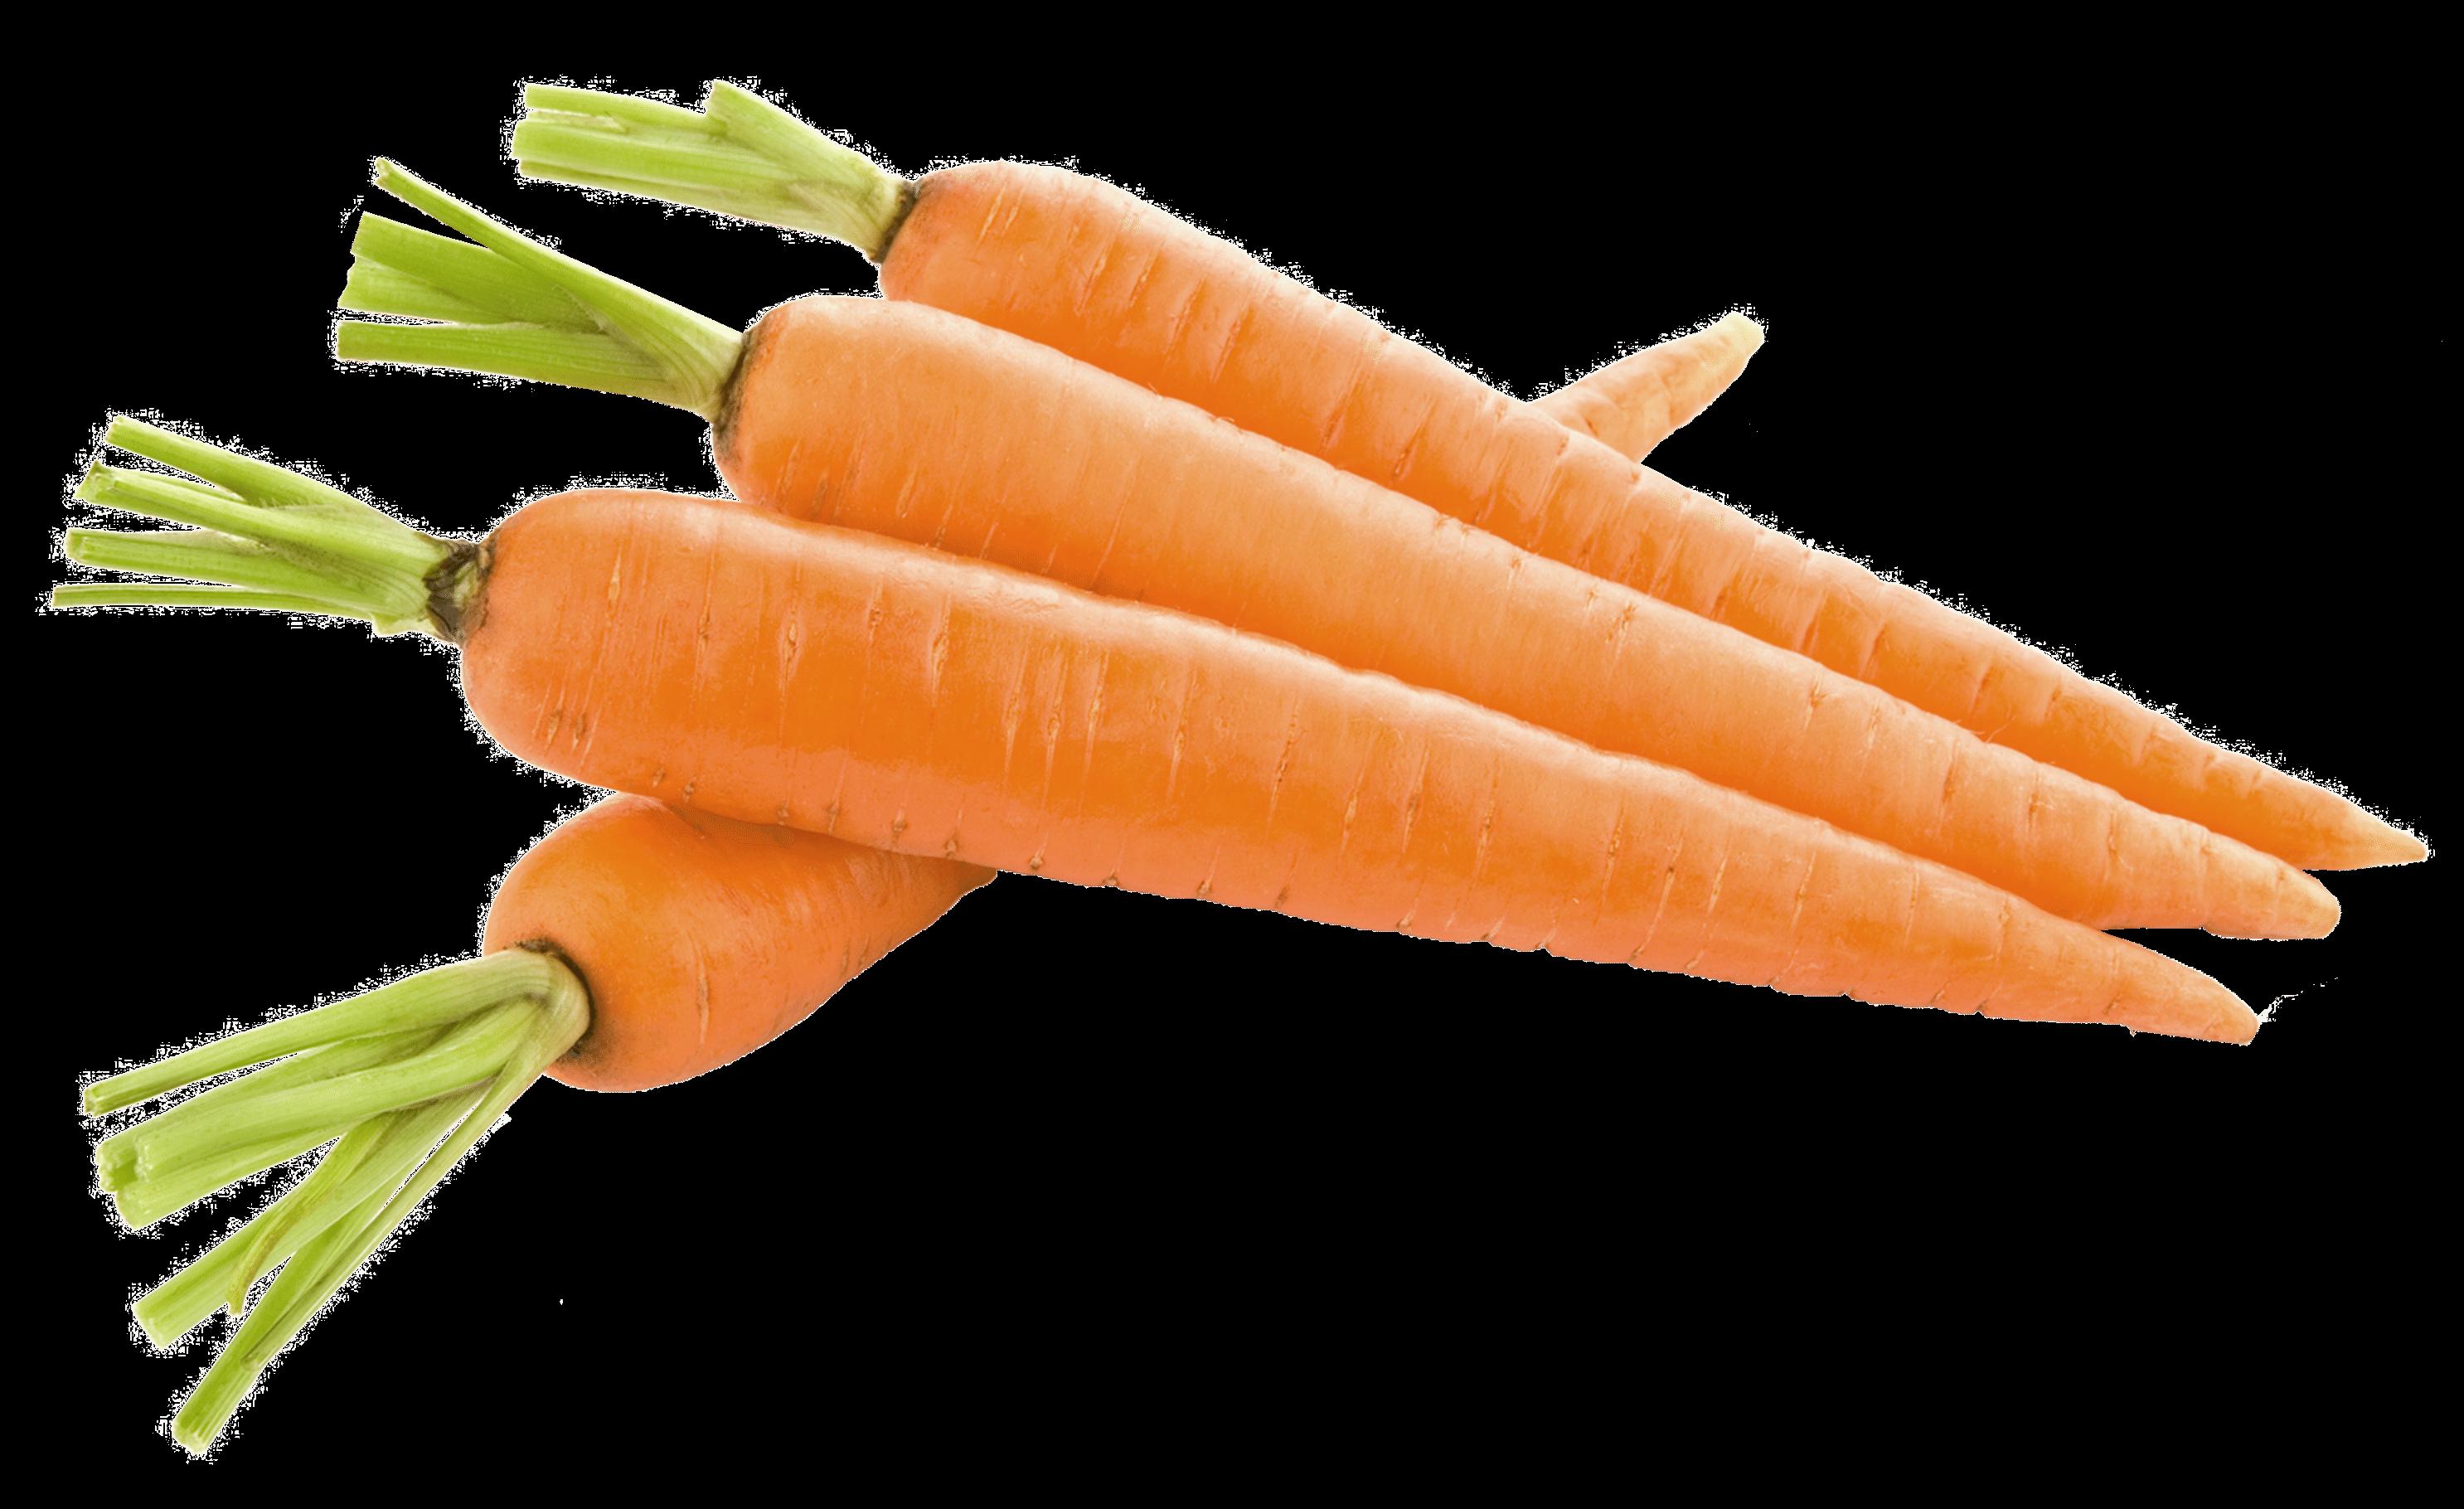 Cenoura.